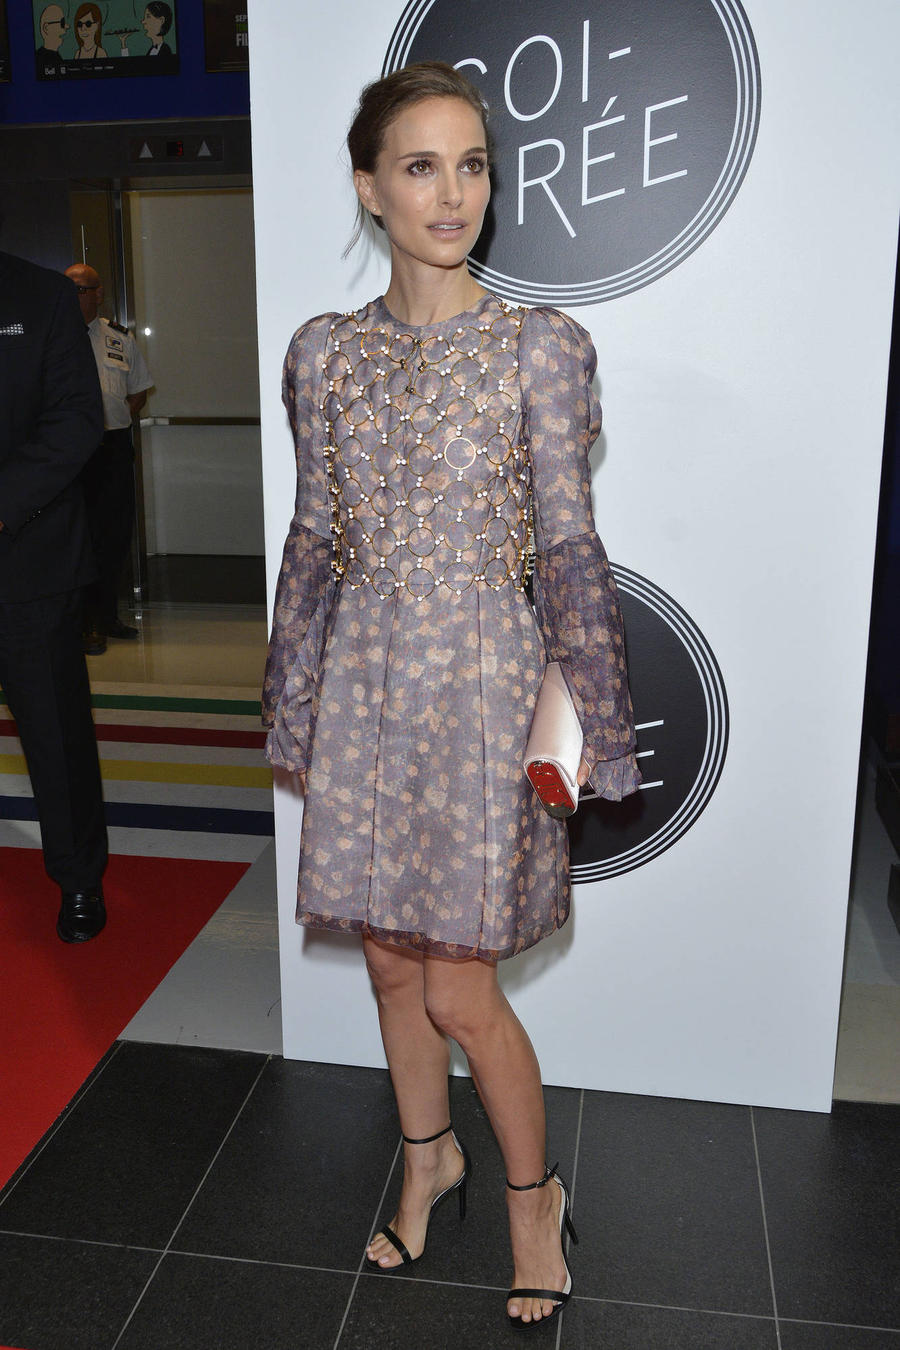 Natalie Portman Appears Pregnant At Venice Film Festival Premiere